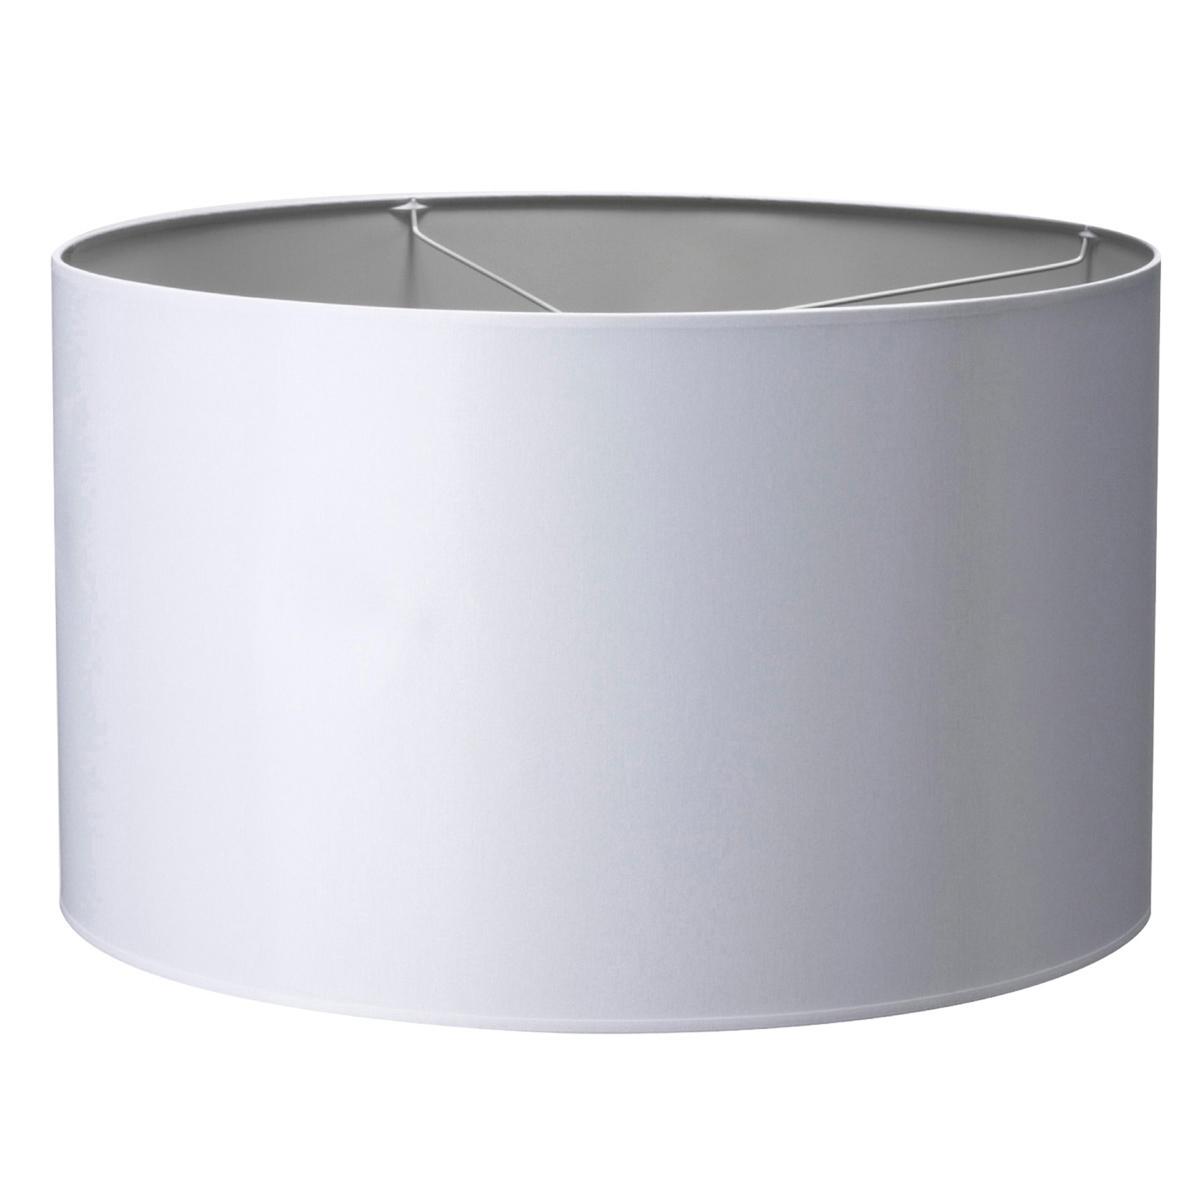 Абажур из глянцевого ситца Wombat, 5 размеровАбажур Wombat. Абажур с красивым блестящим глянцевым покрытием, доступный в 5 размерах, для светильников и торшеров .Характеристики :Каркас из металла, покрытого эпоксидной краской, абажур из полипропилена, обтянутого тканью из 100% хлопка.Окантовка в тон.Для патрона E27, макс. 60W.Размер :5 размеров на выбор ?35 x H25 см?40 x H25 см?45 x H25 см?50 x H30 см?55 x H32 см<br><br>Цвет: белый,черный<br>Размер: диаметр 40 см